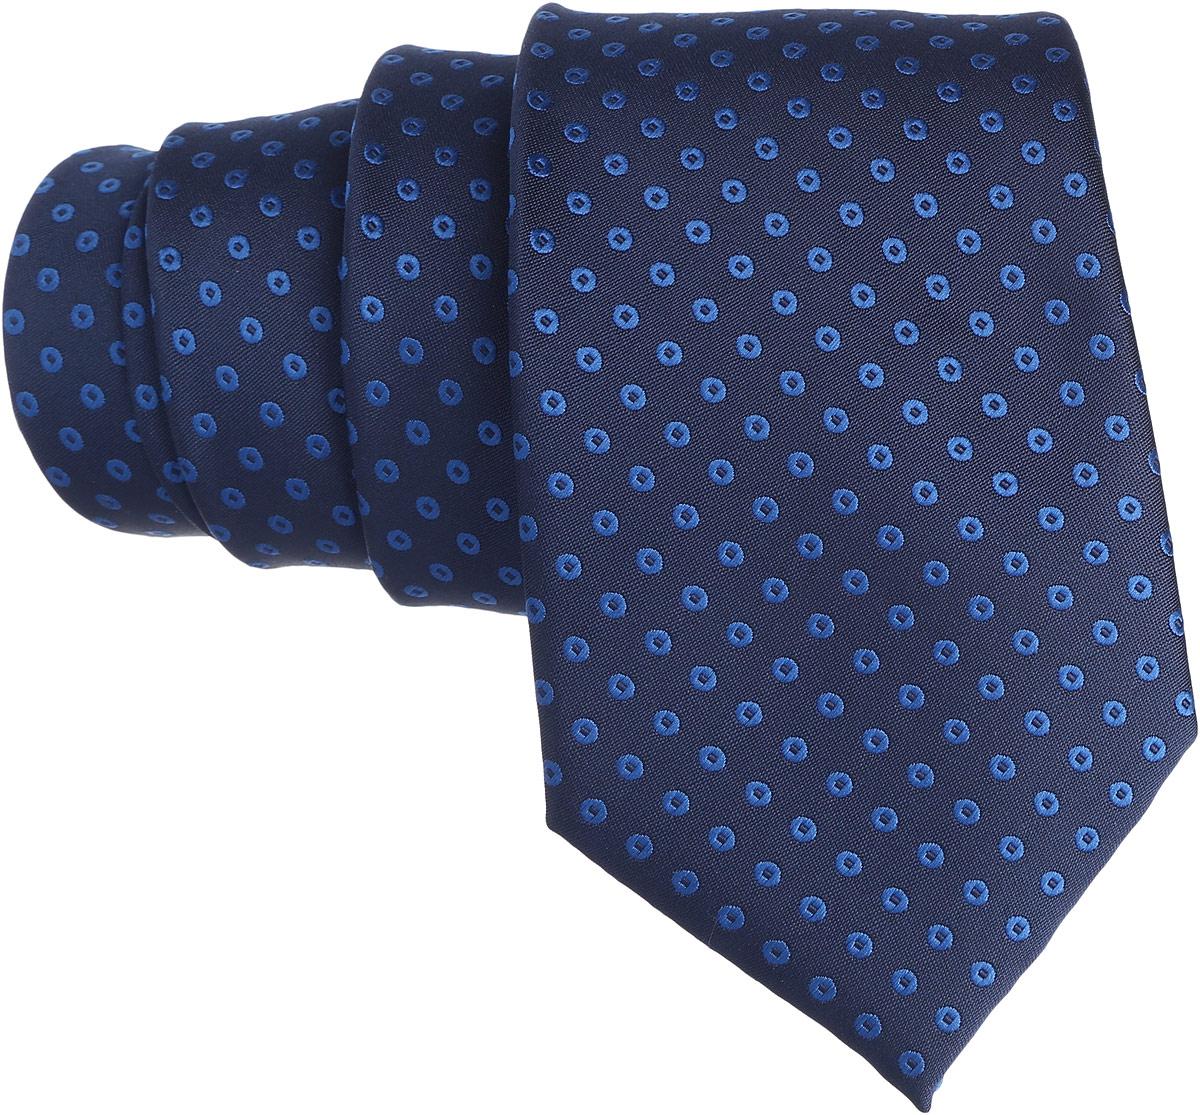 Галстук. 12.01519912.015199Стильный галстук BTC станет отличным завершающим штрихом вашего образа. Этот модный аксессуар порадует вас высоким качеством исполнения и современным дизайном. Изделие полностью выполнено из качественного полиэстера. Галстук оформлен оригинальным принтом. Такой оригинальный галстук подойдет как к повседневному, так и к официальному наряду, он позволит вам подчеркнуть свою индивидуальность и создать свой неповторимый стиль.